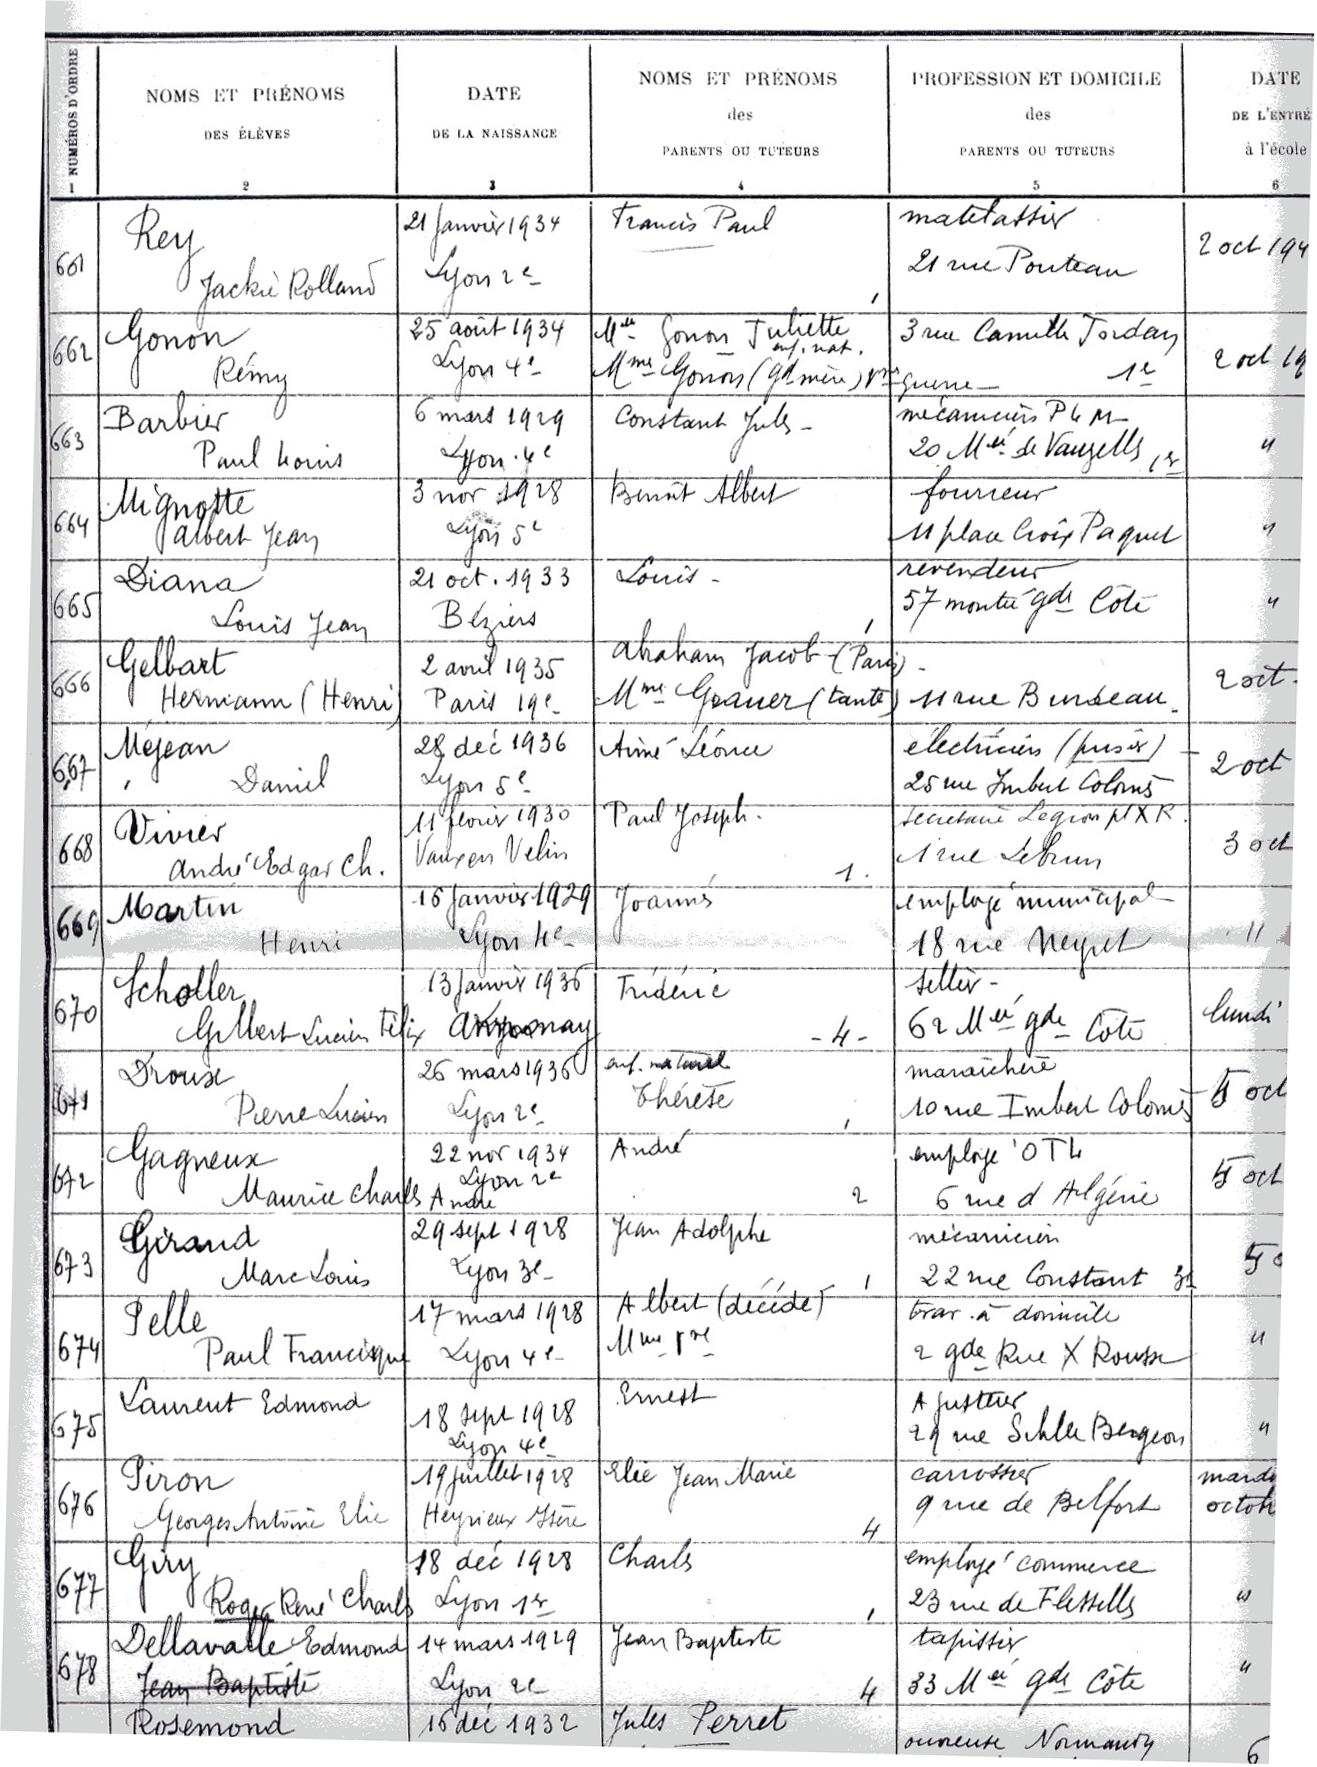 Hermann Henry Gelbart - registre matricule de l'école des Tables Claudiennes, Lyon